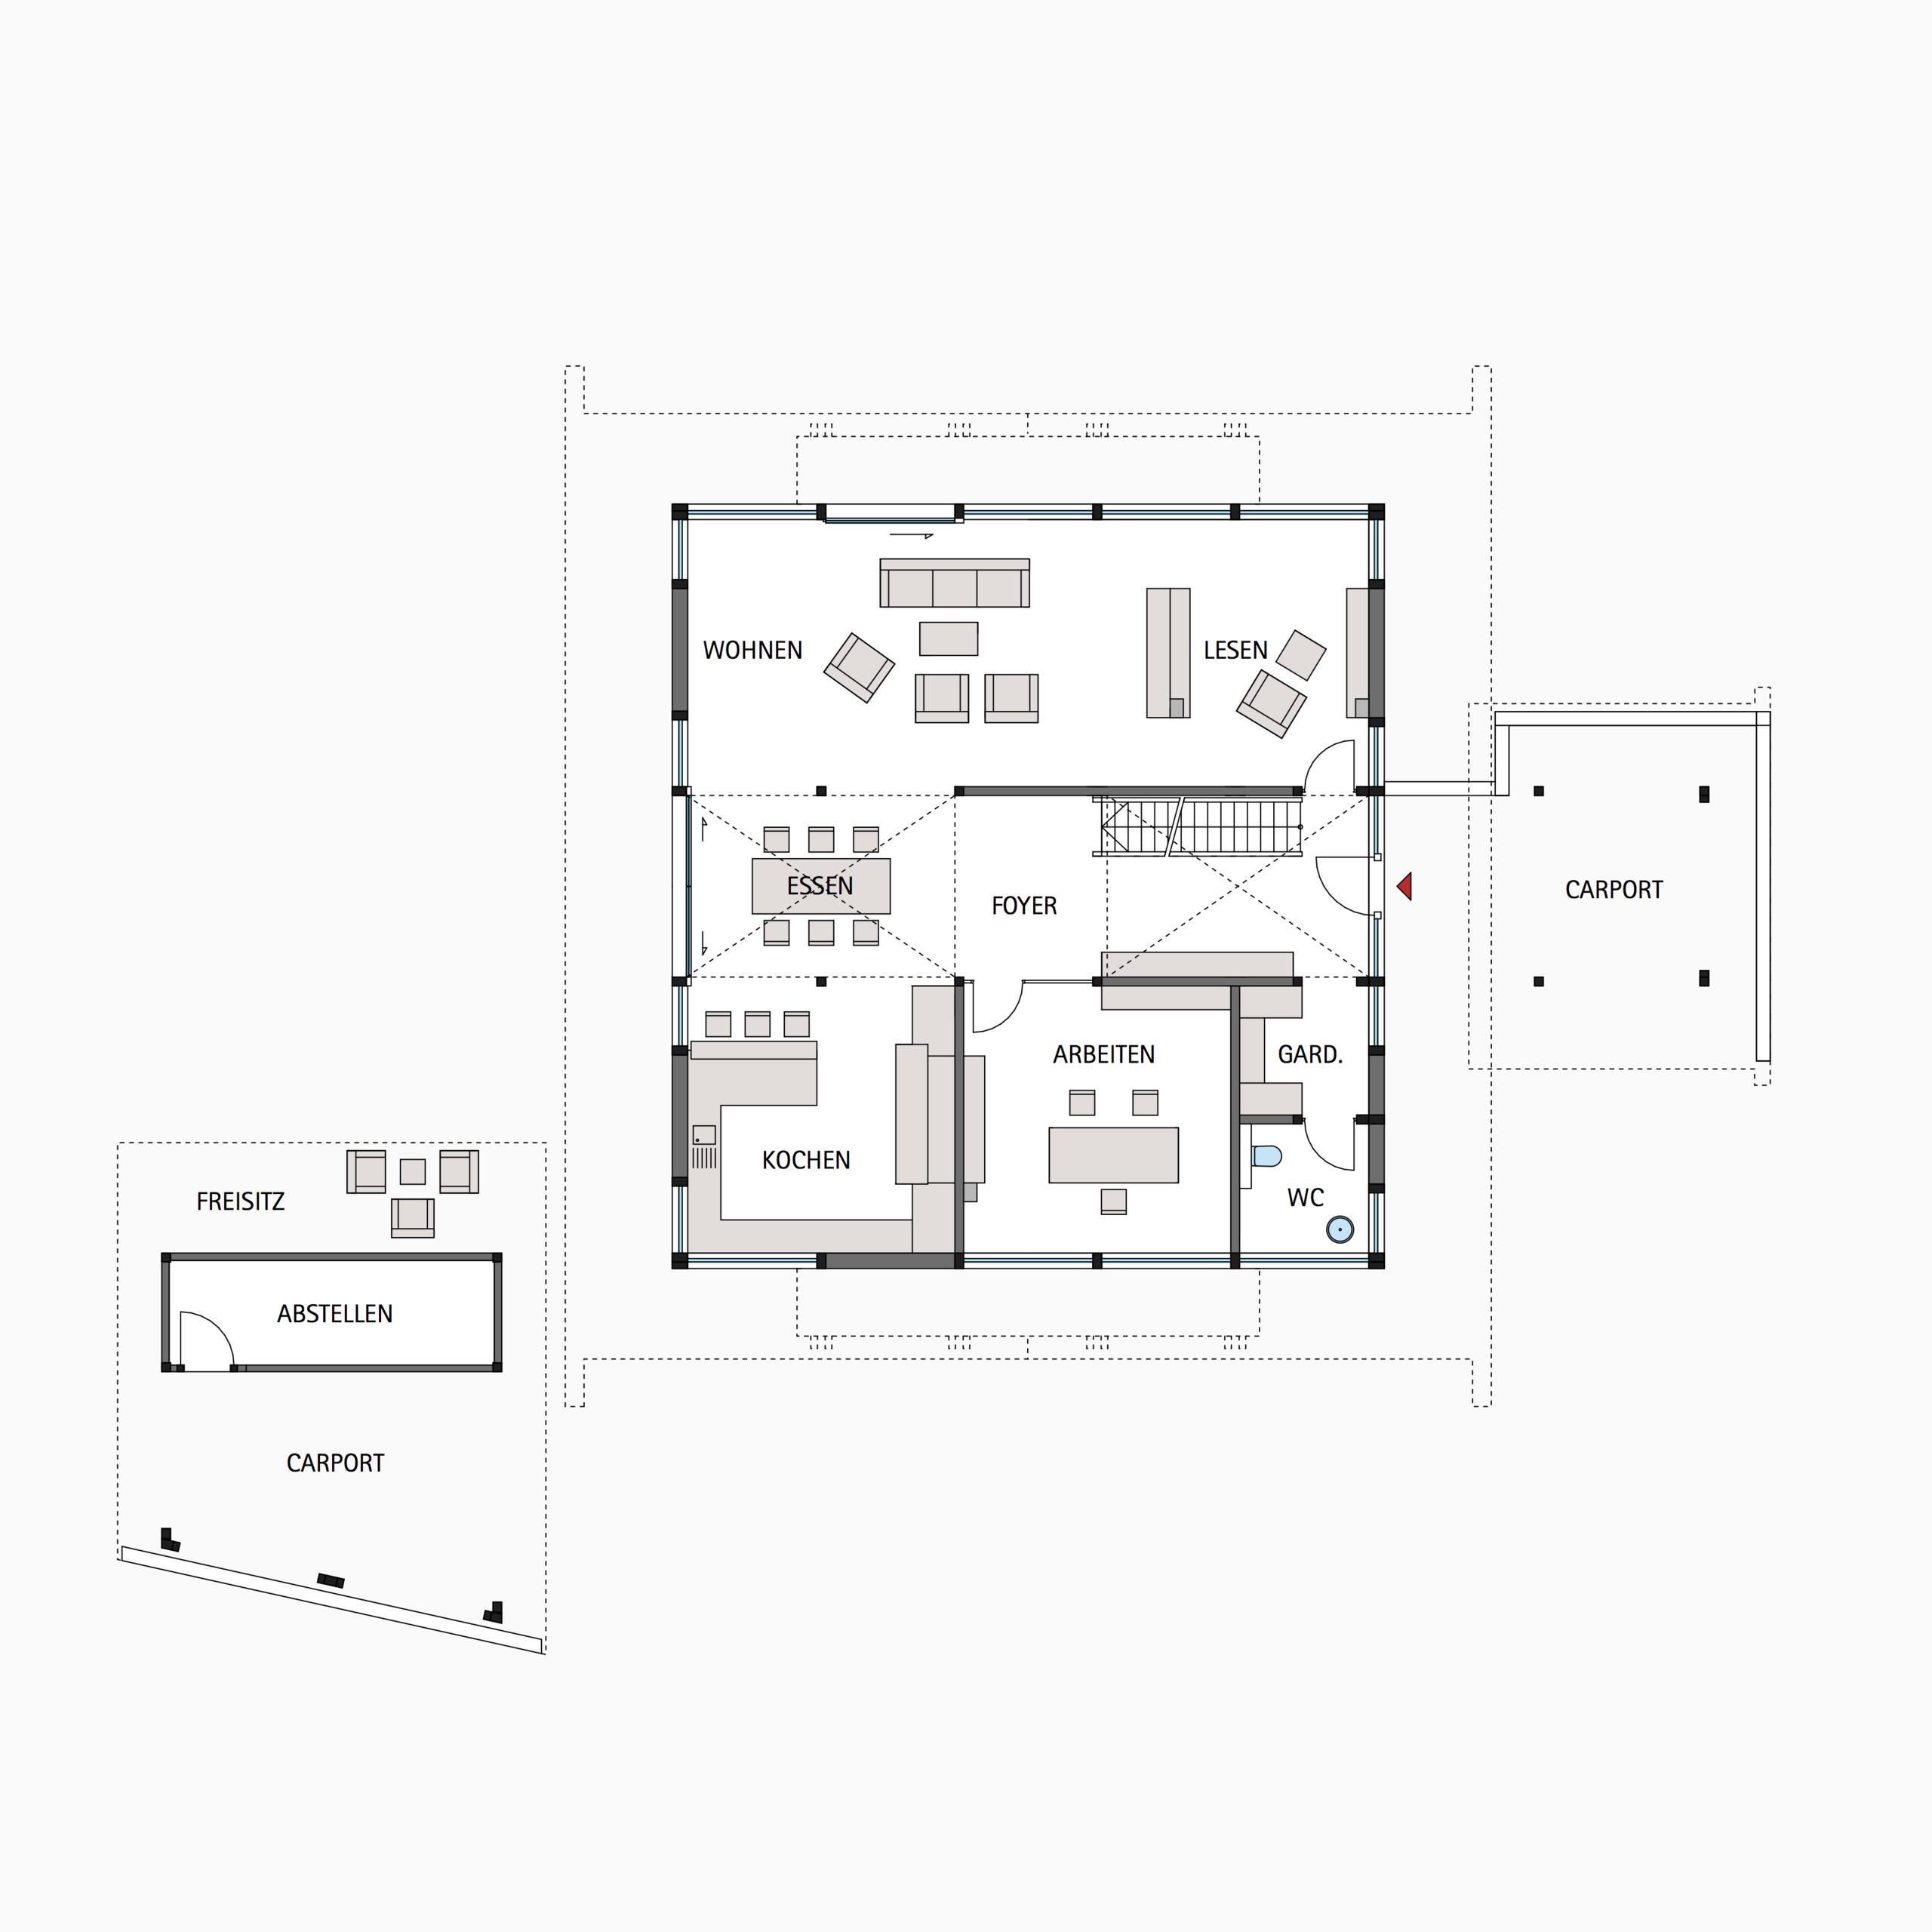 HUF Fachwerkhaus Grundriss Erdgeschoss ART 5 Haus, Haus